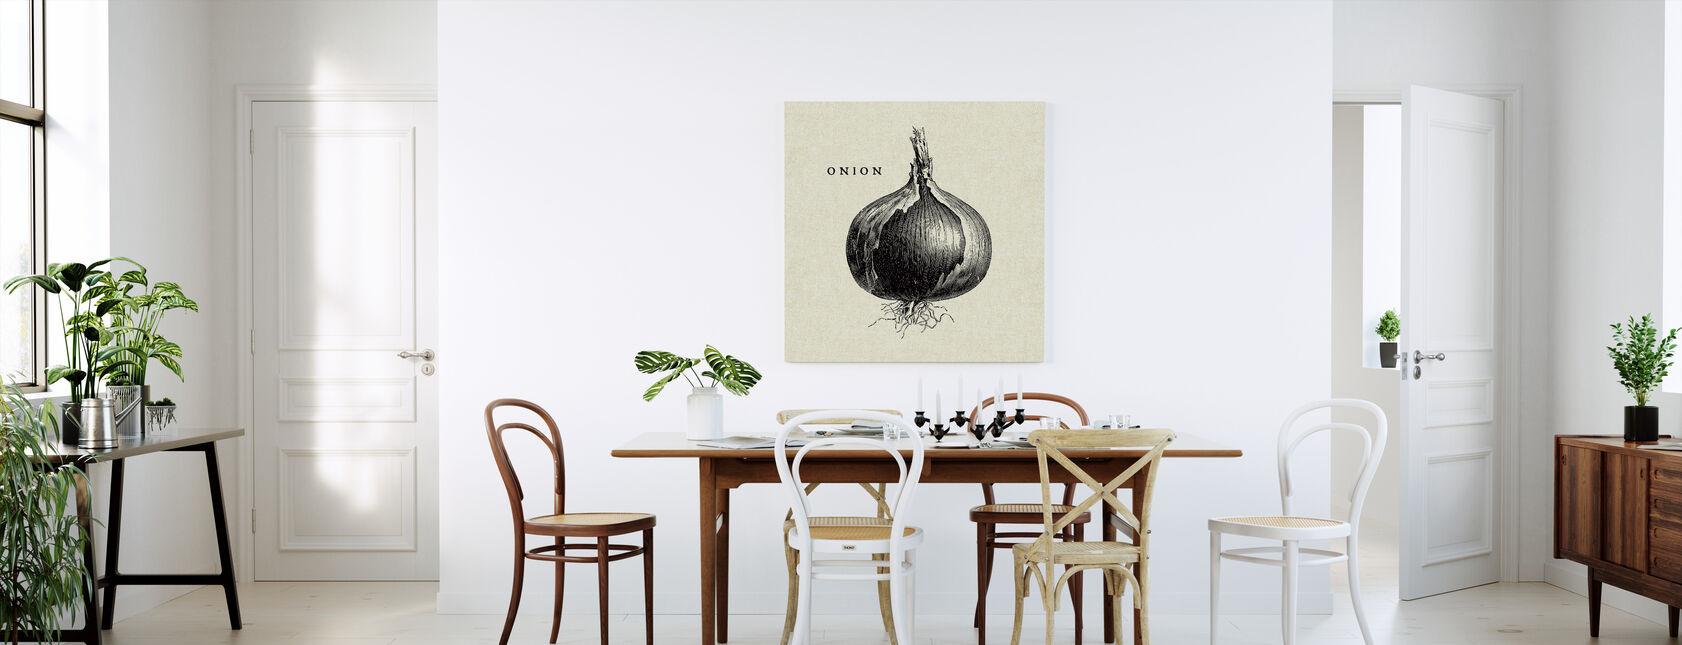 Kitchen Illustration - Onion - Canvas print - Kitchen